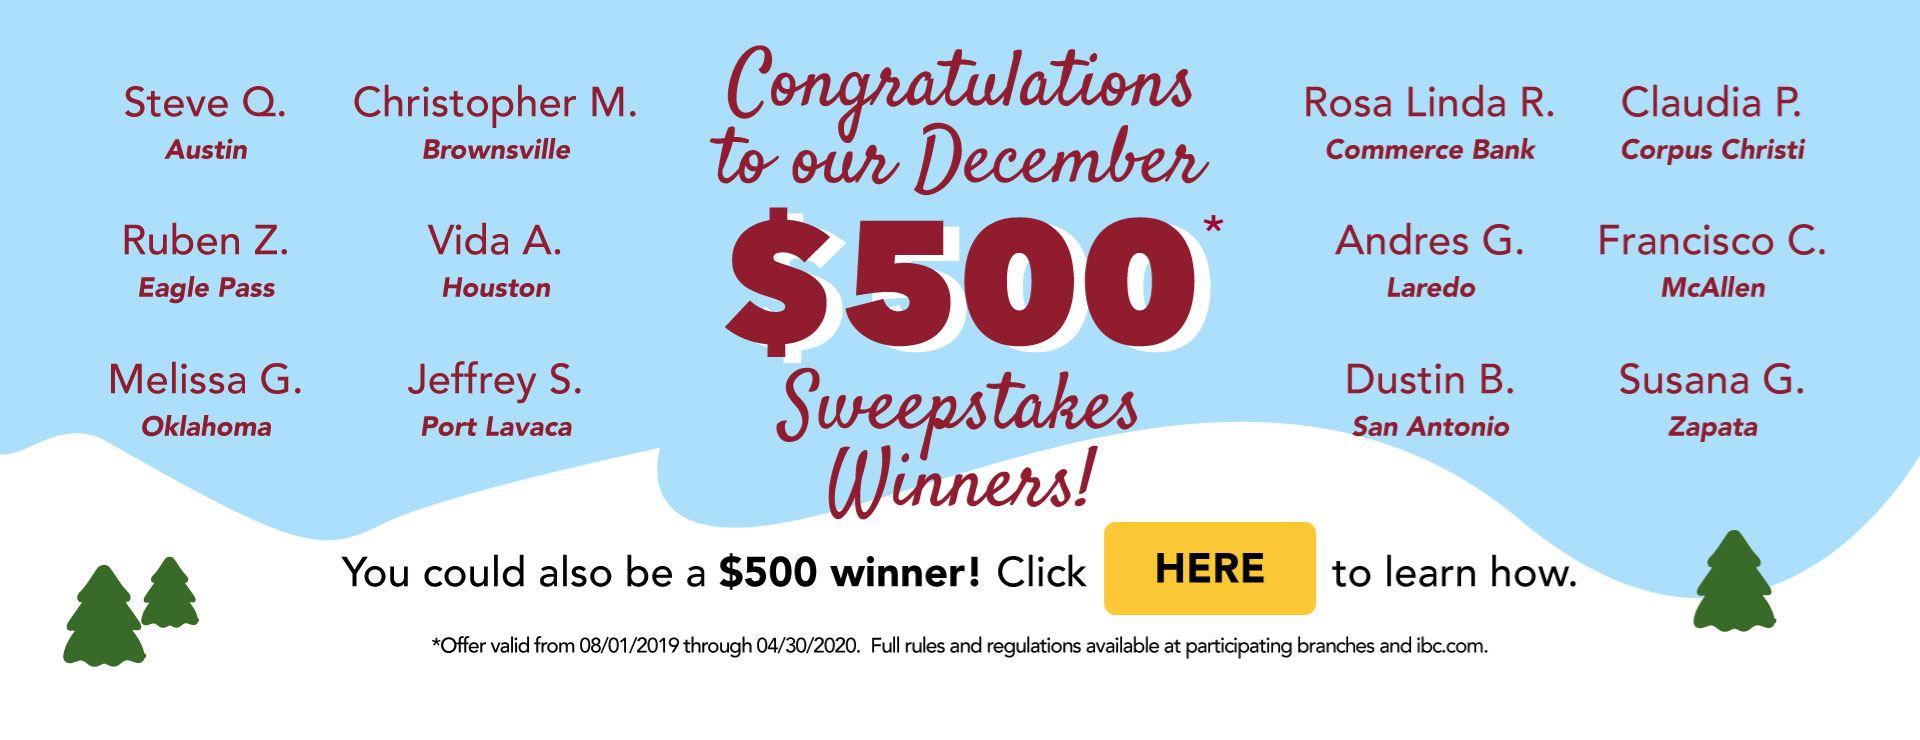 December Sweepstakes Winners